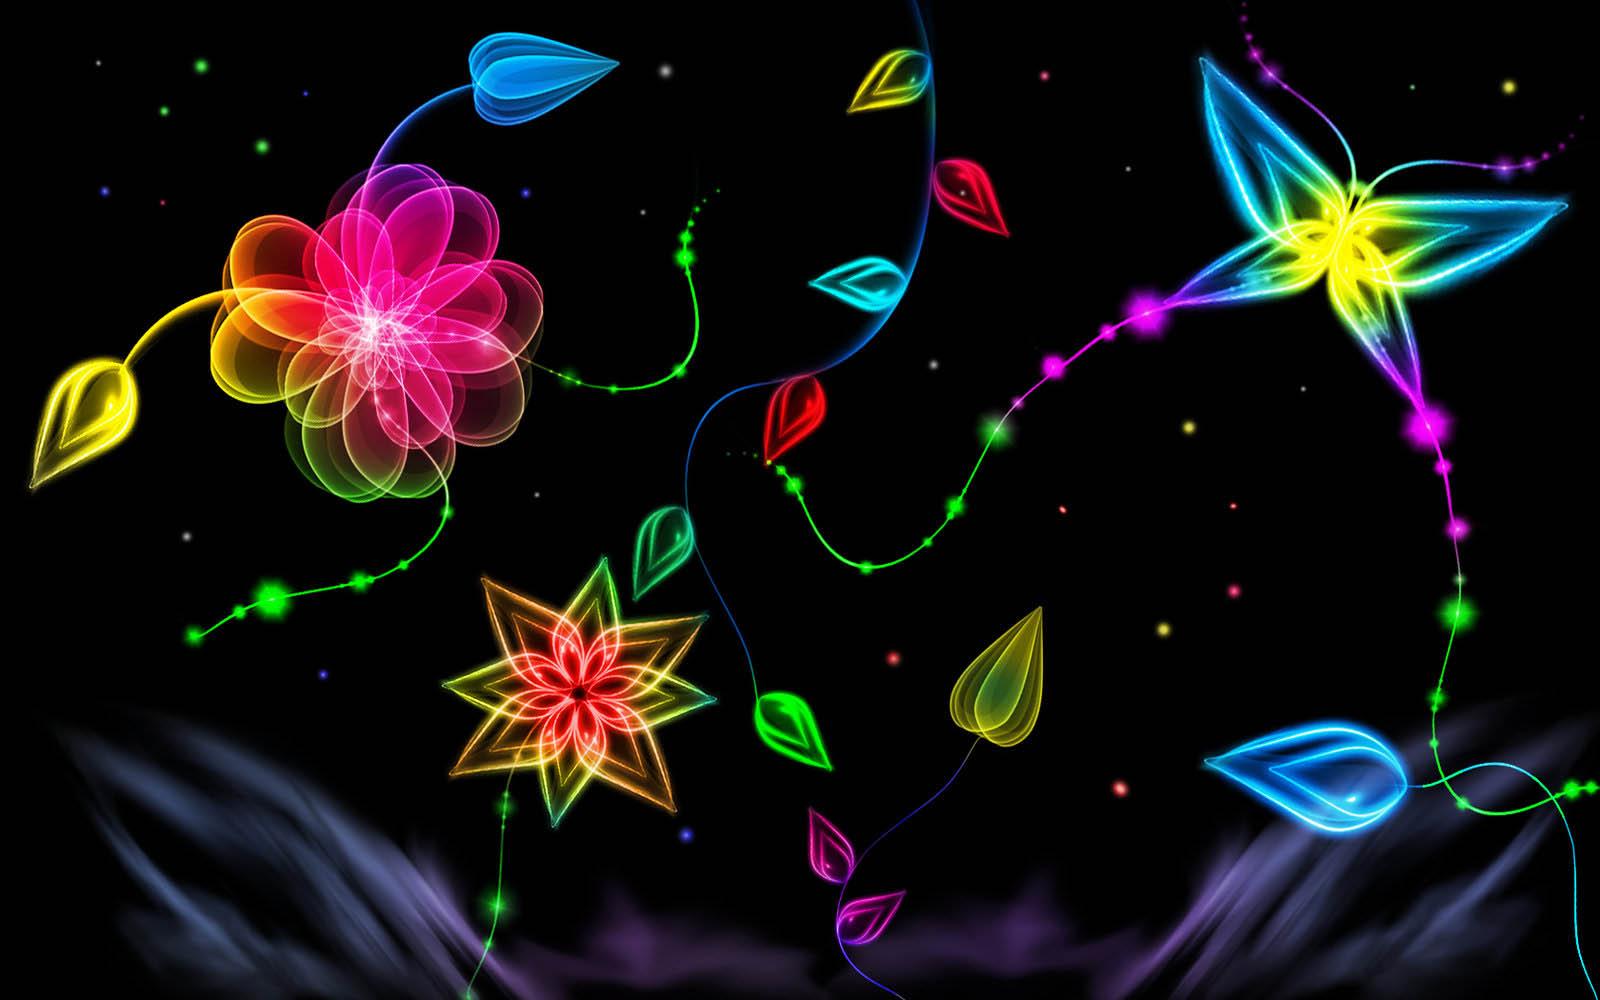 Neon Art Wallpapers Desktop Wallpaper 1600x1000